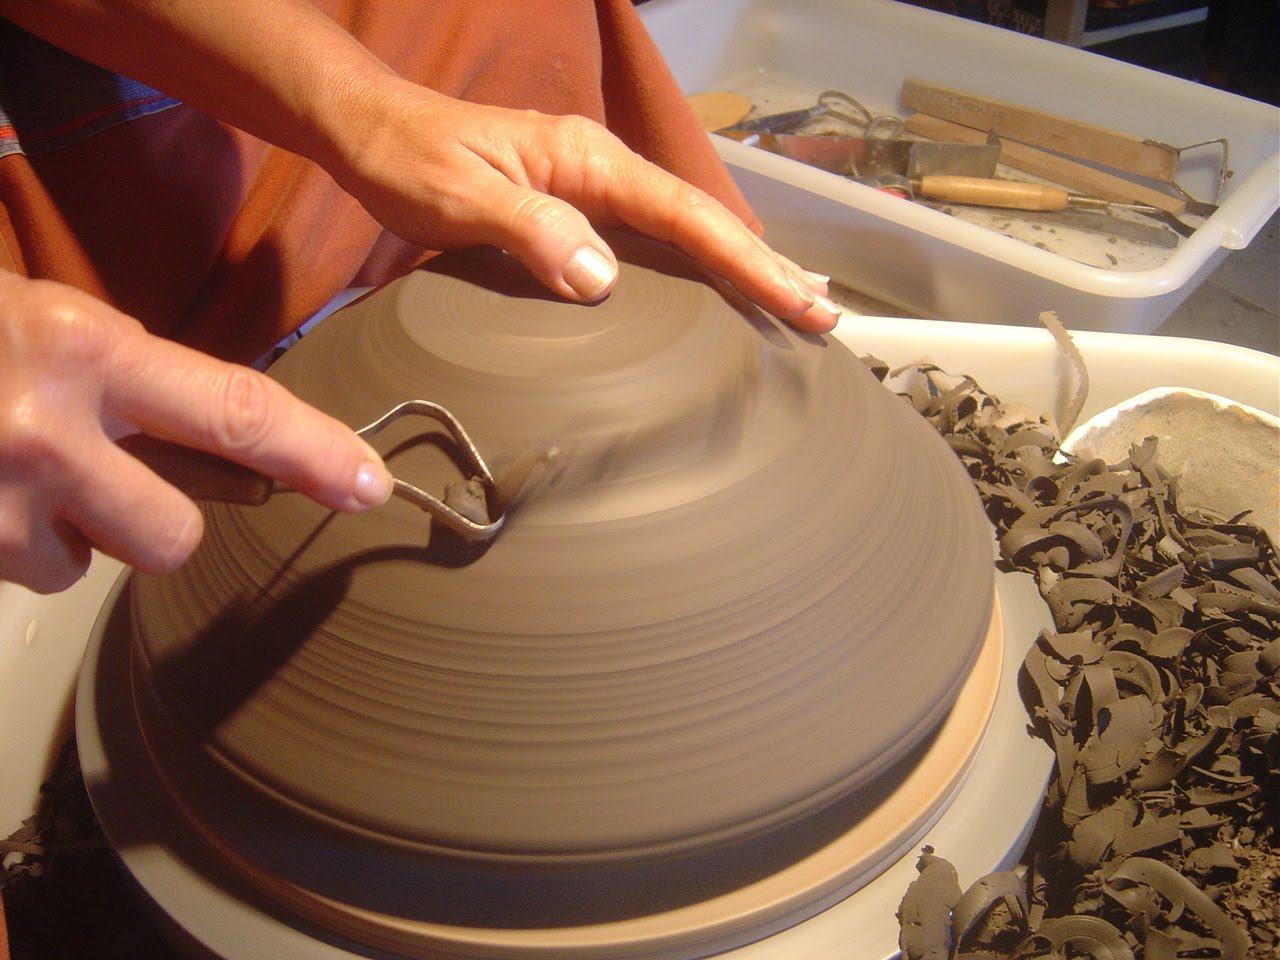 Cer mica roda de olaria tipos e utiliza o popular - Fotos de ceramica ...